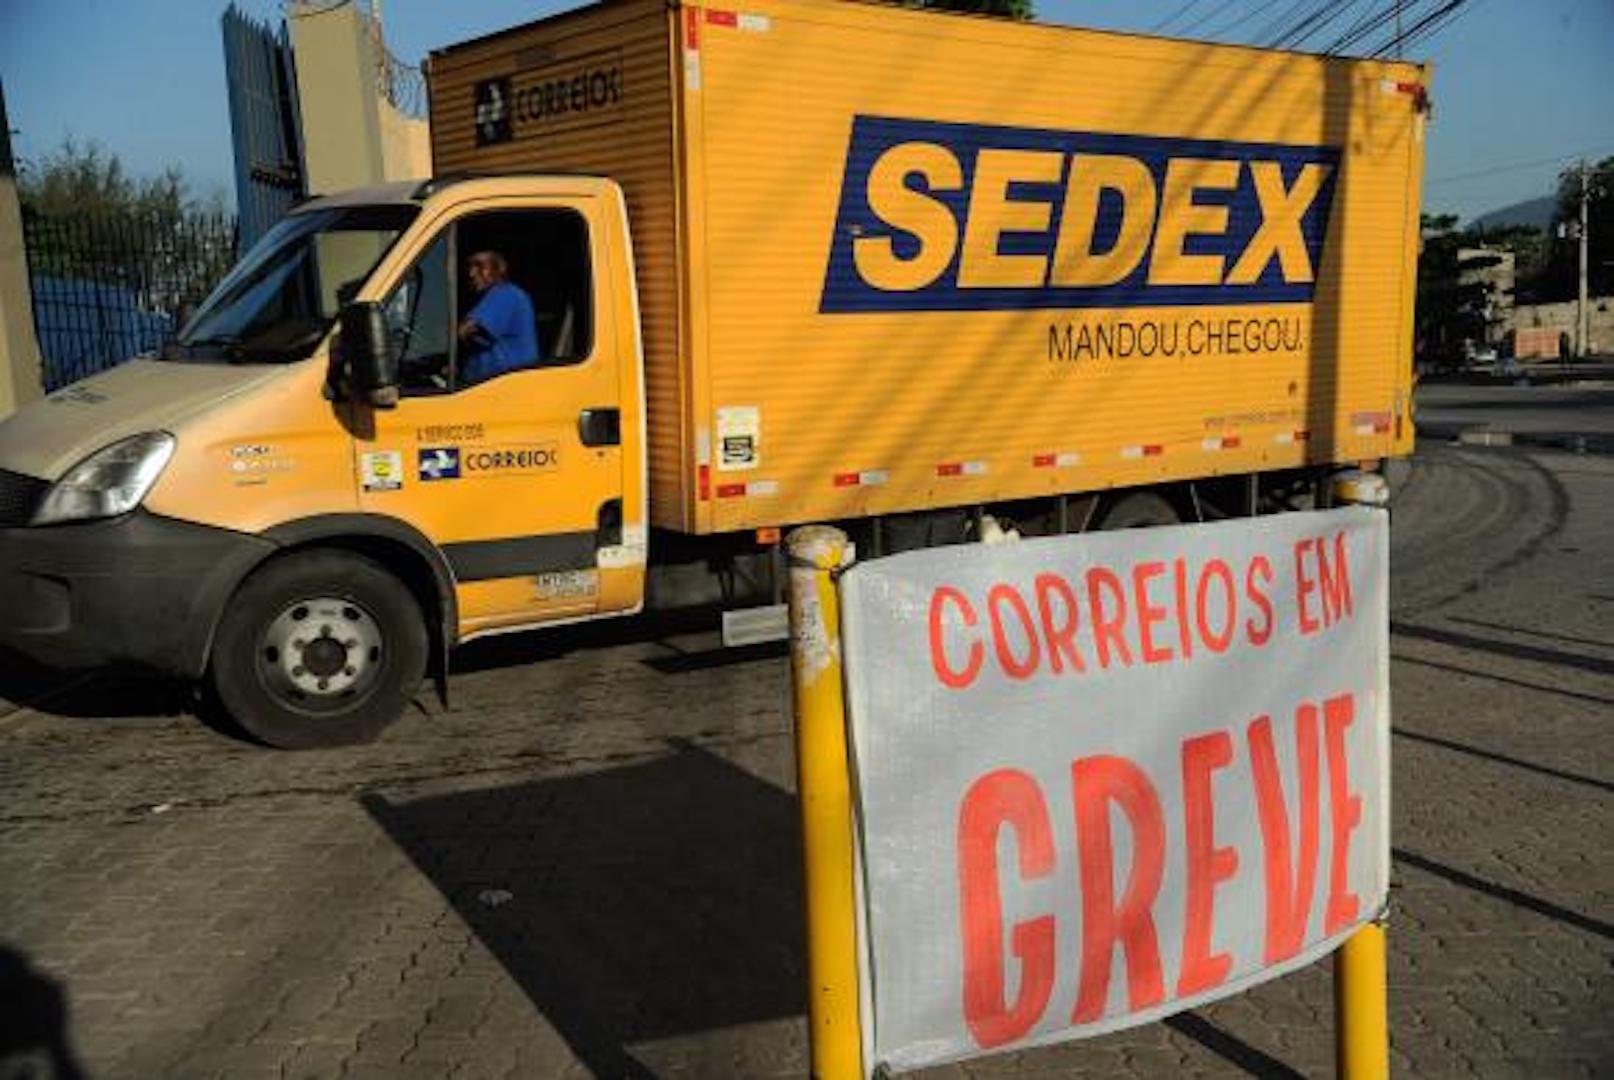 Brazil, Rio de Janeiro,The one-day nationwide postal worker strike will continue in many states, including Rio de Janeiro and São Paulo